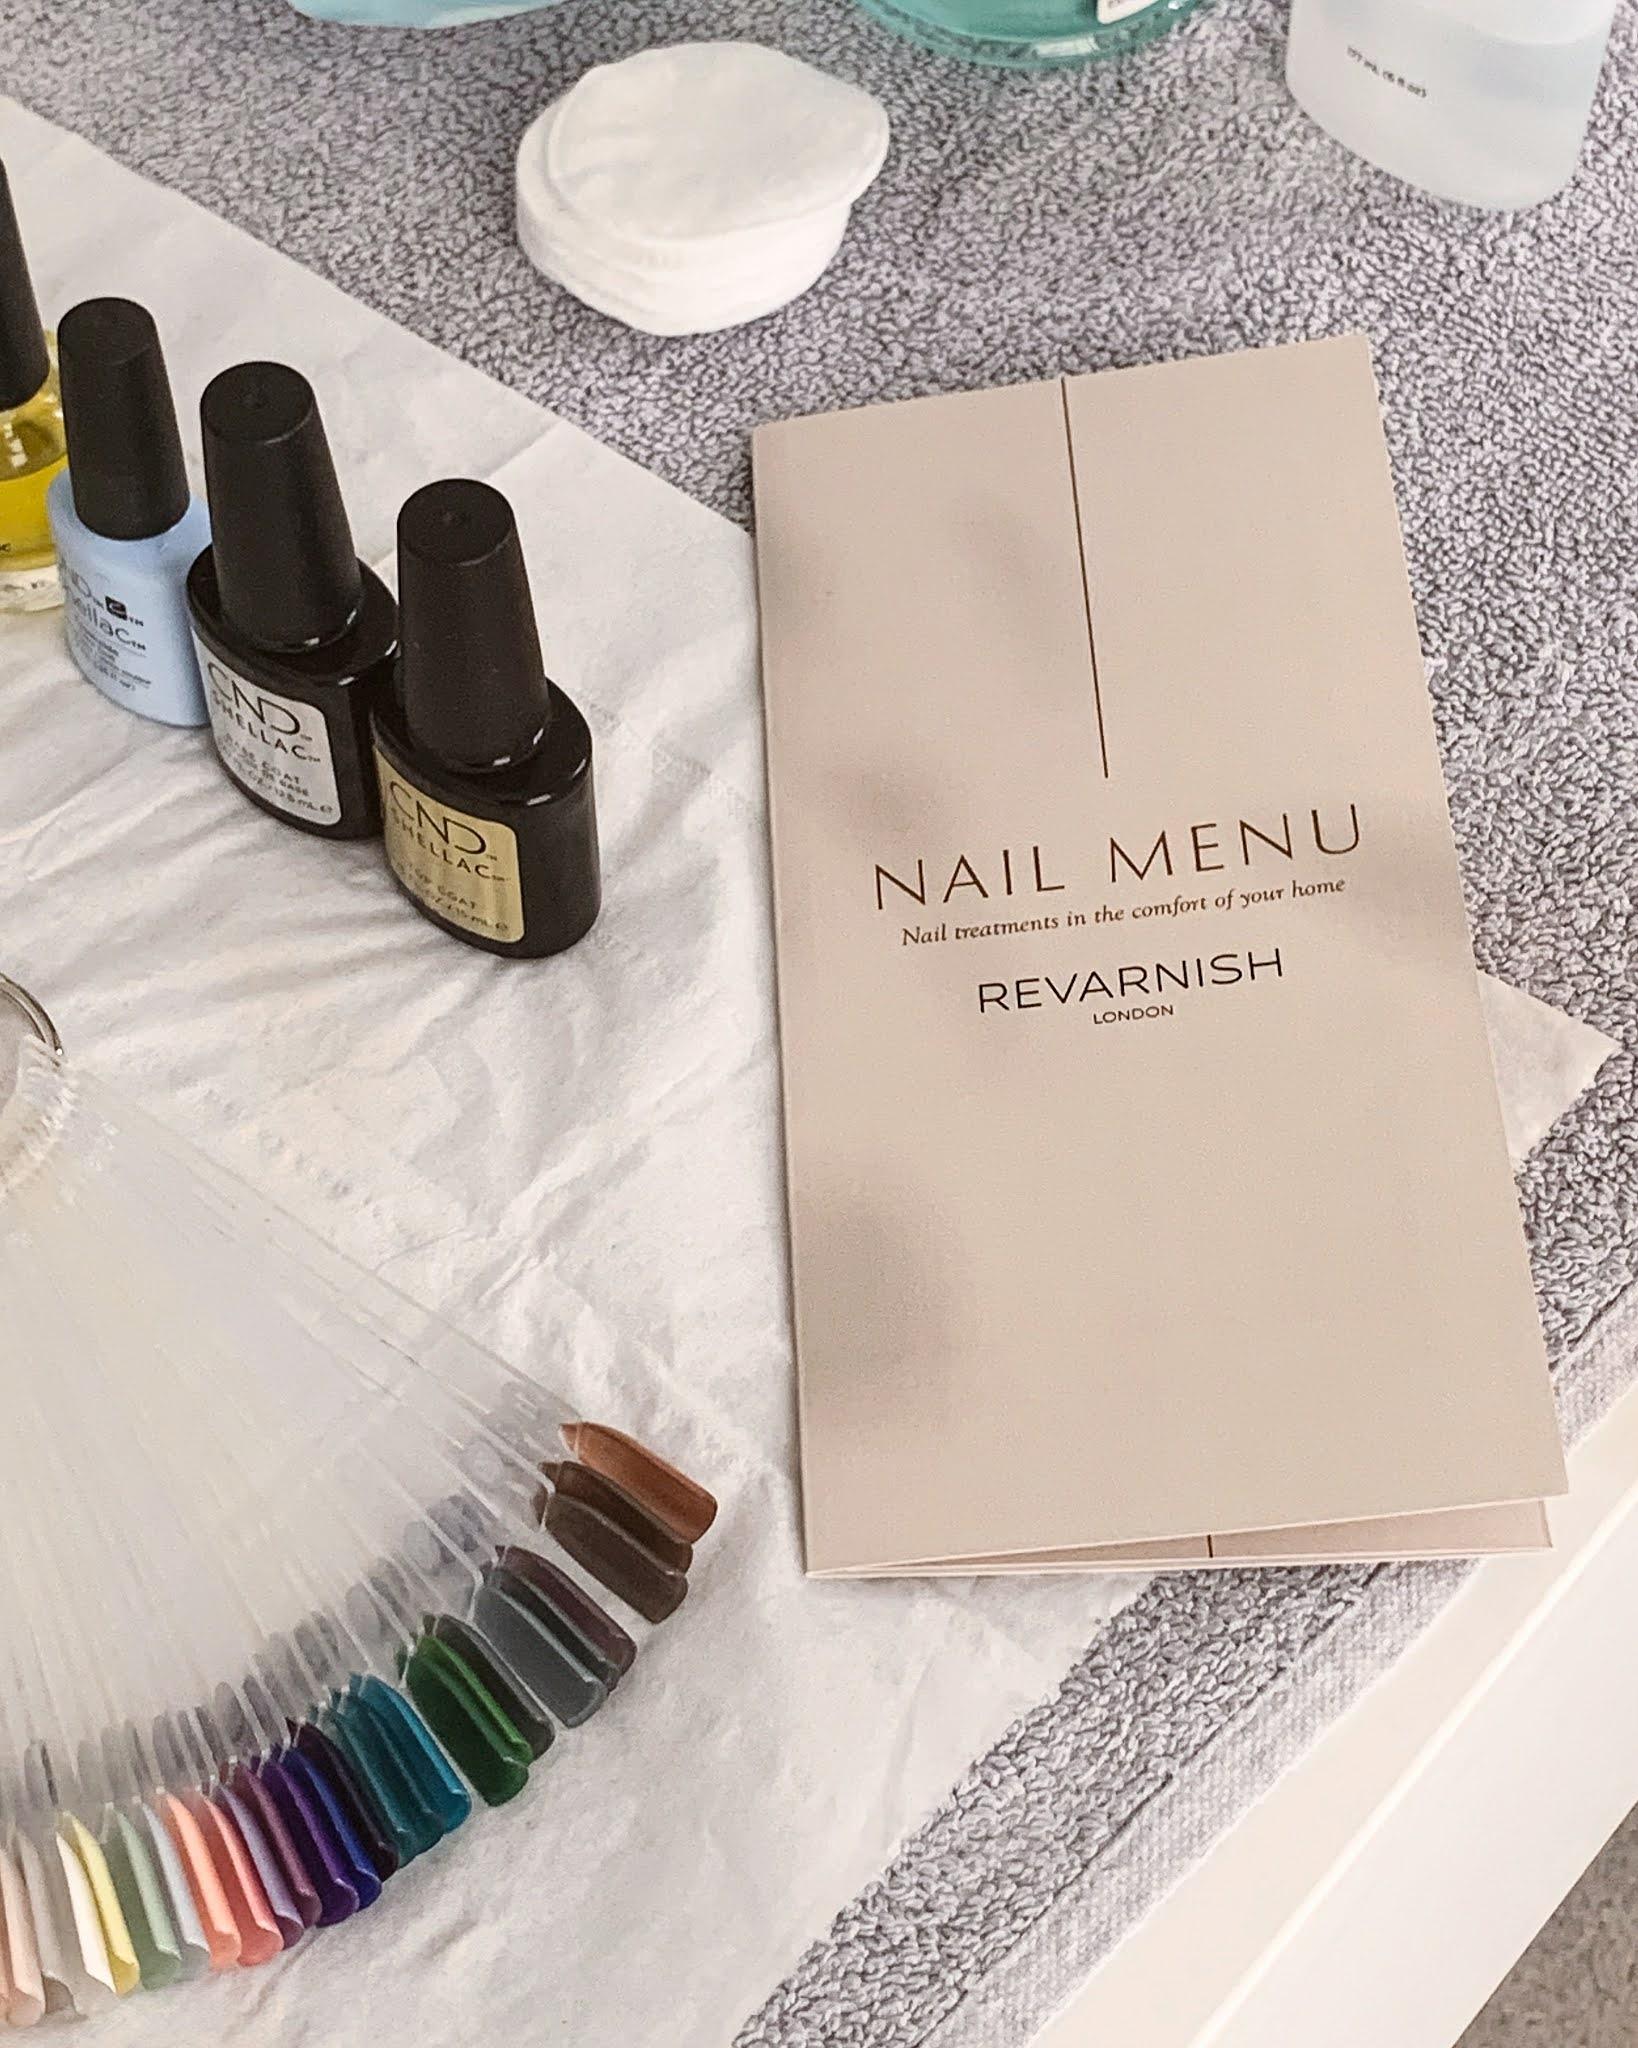 revarnish london nail menu blog review